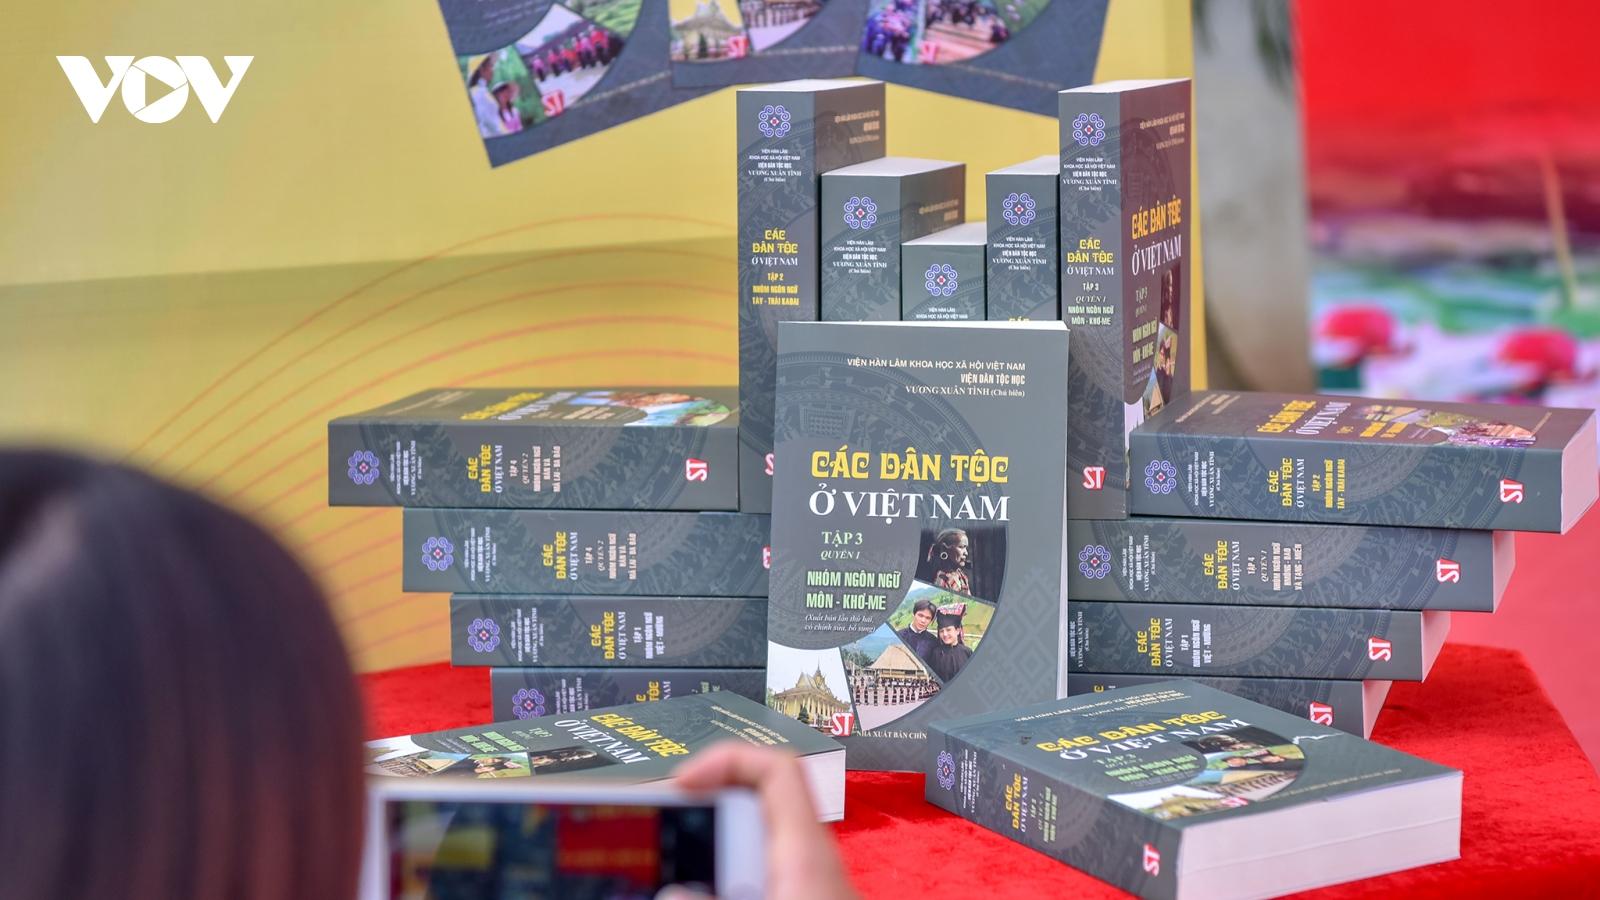 Ra mắt bộ sách quý về các dân tộc ở Việt Nam